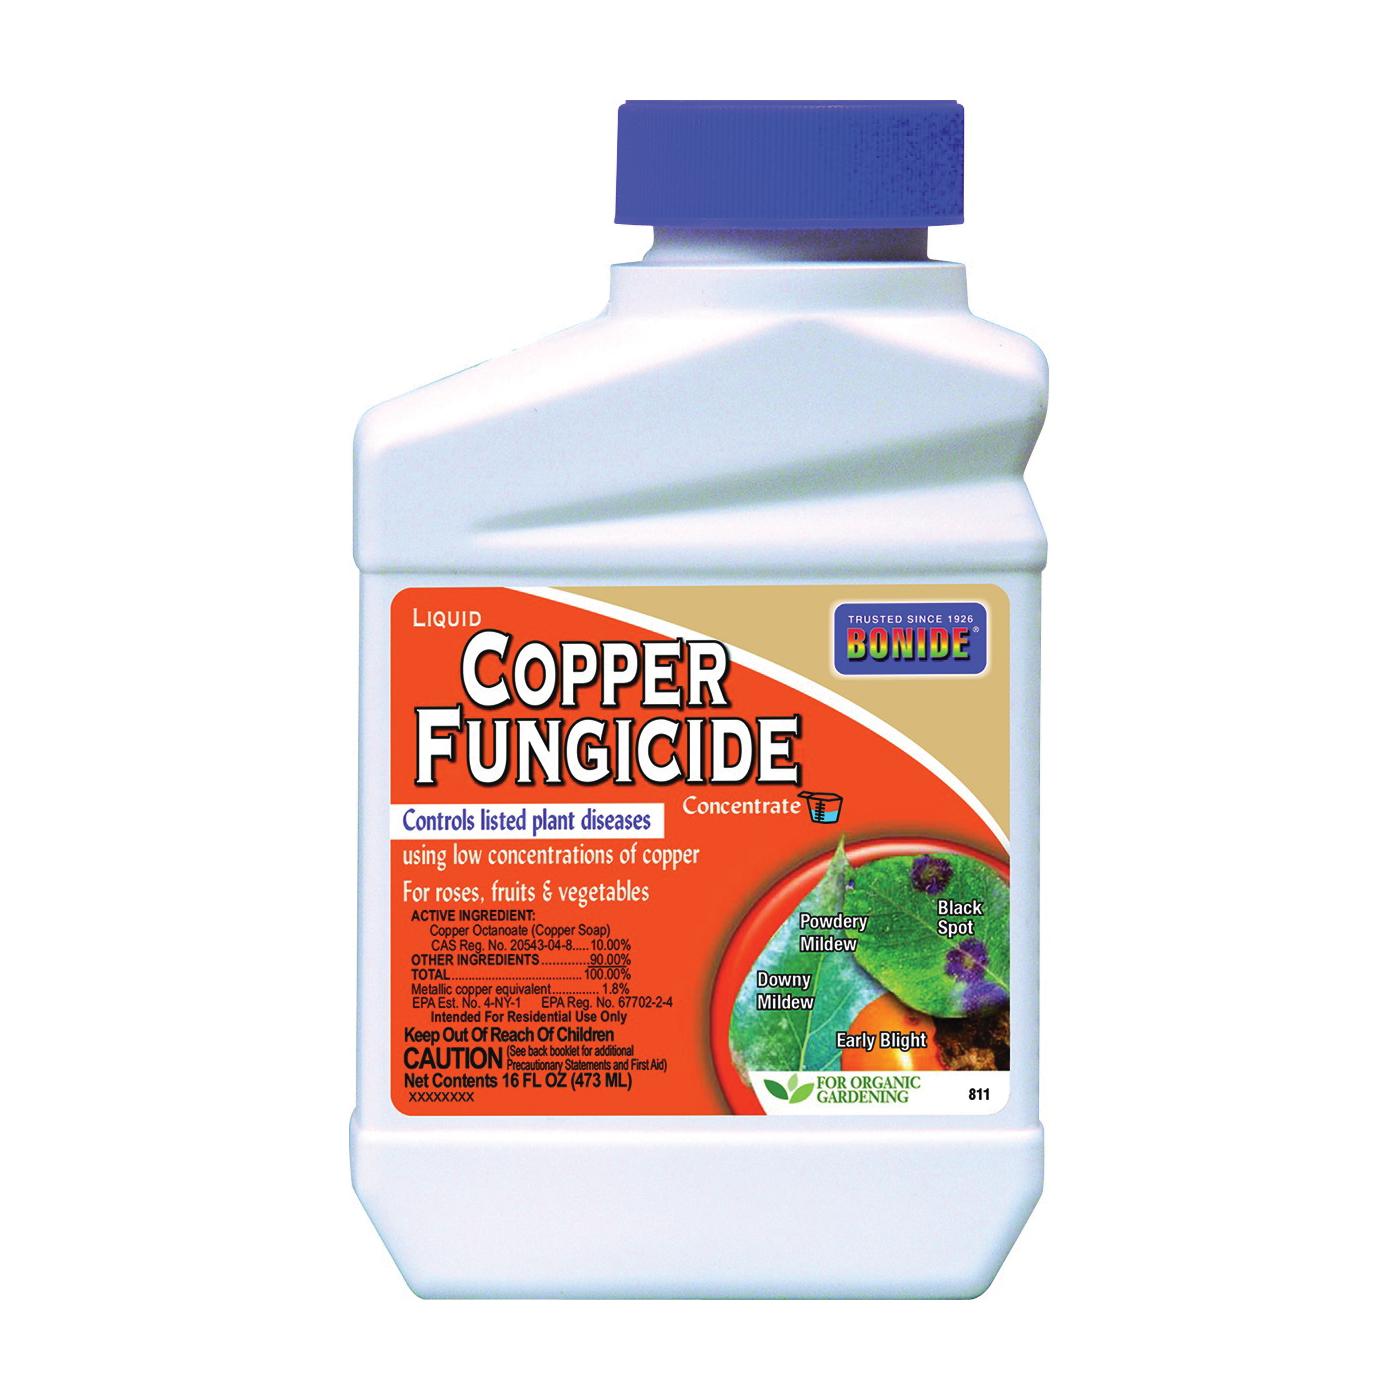 Picture of Bonide 811 Copper Fungicide, Liquid, Acidic, Blue, 1 pt Package